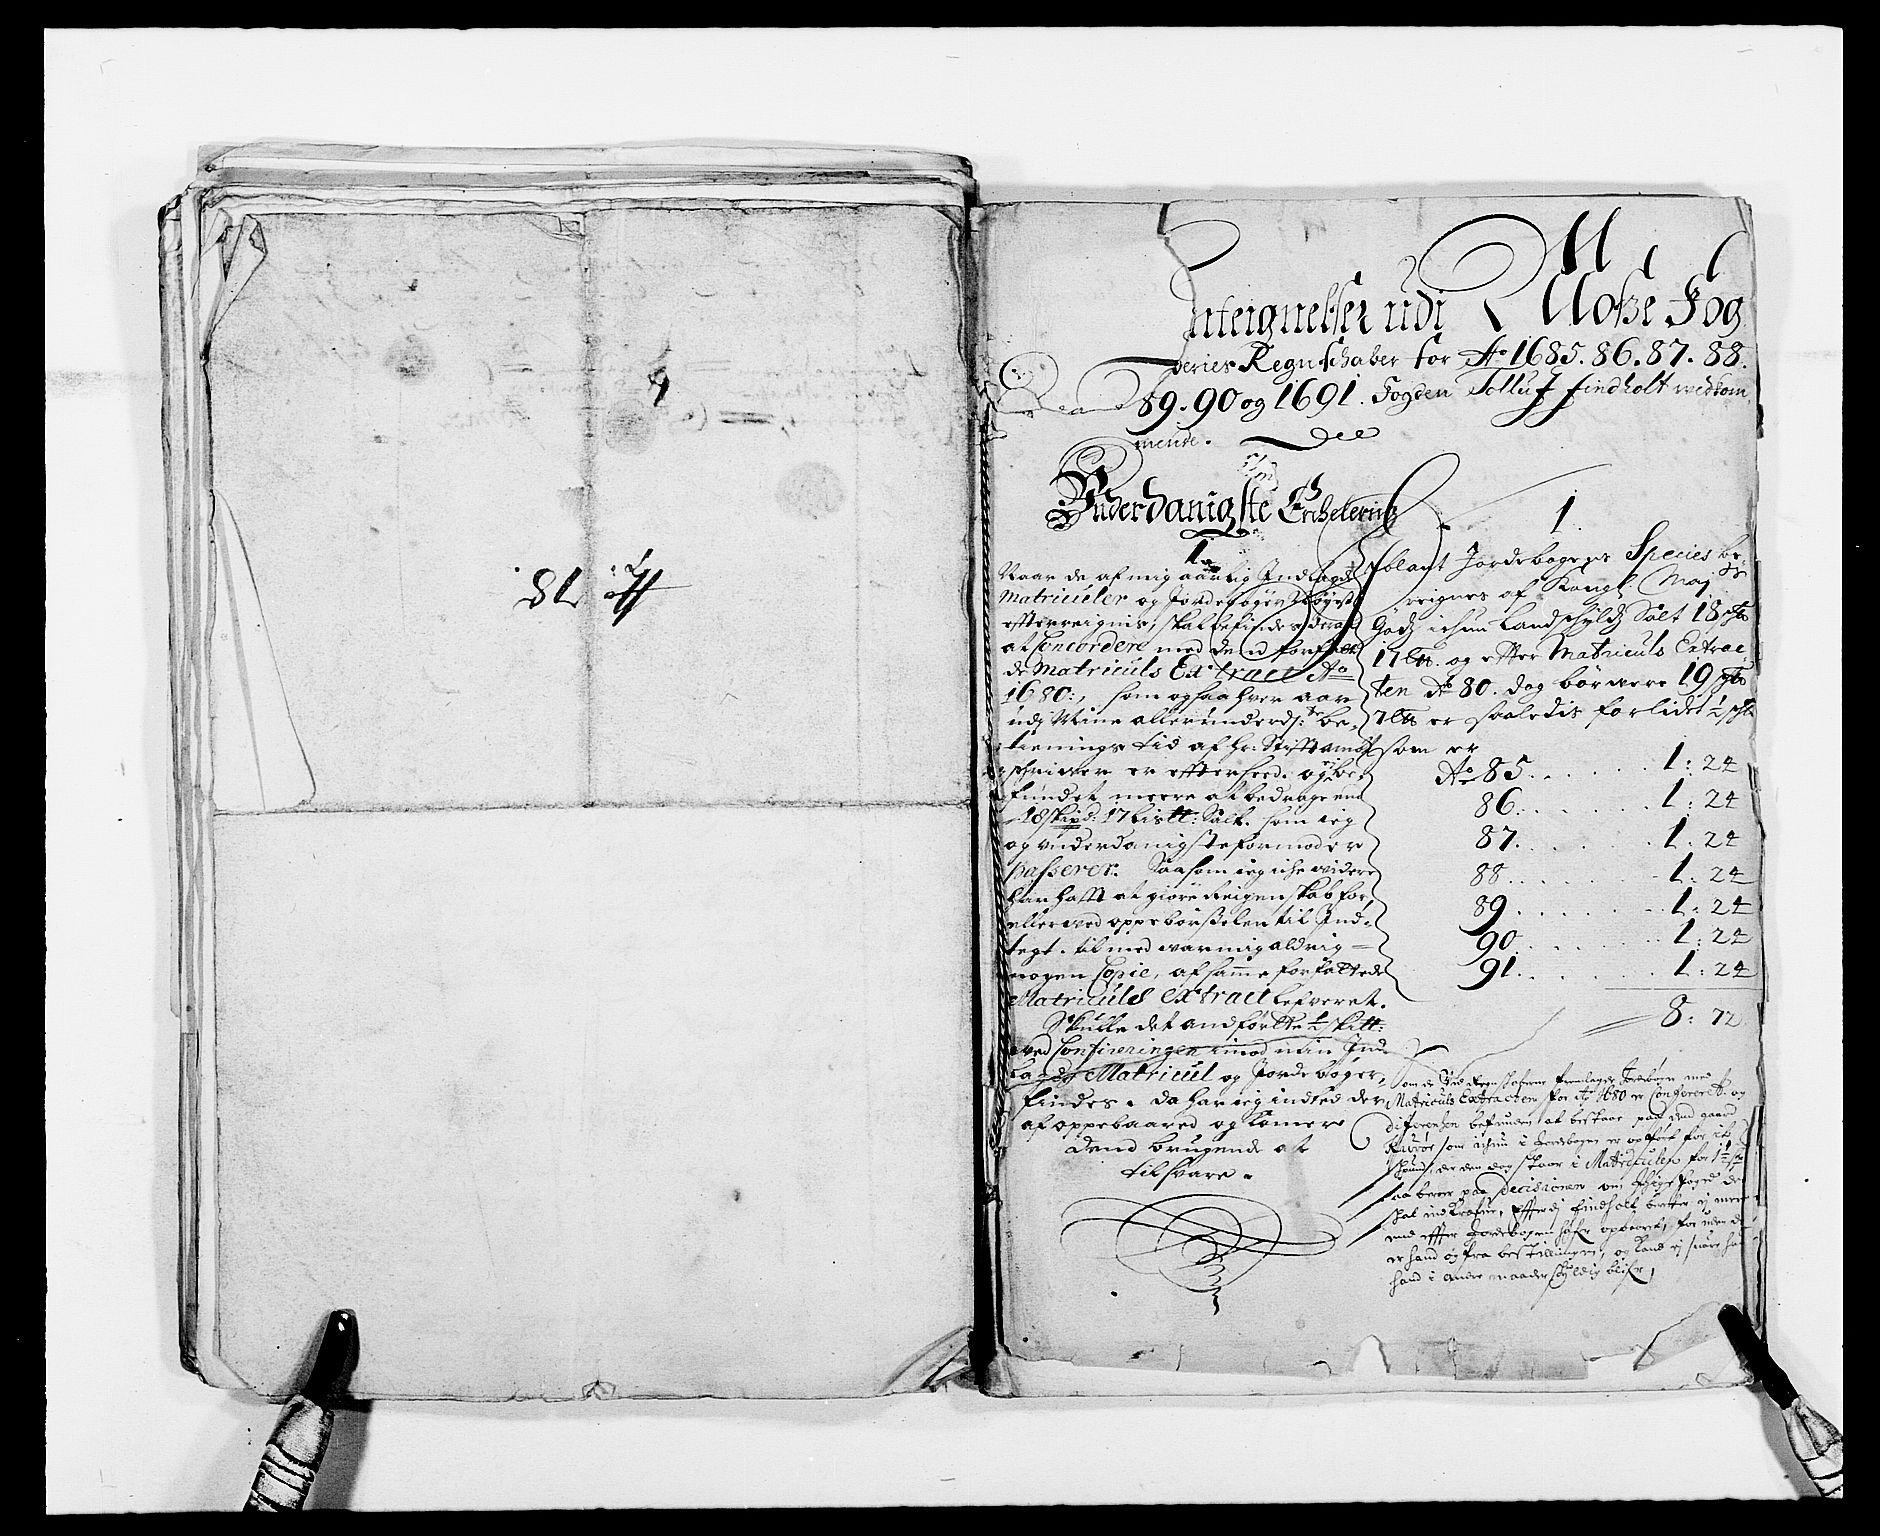 RA, Rentekammeret inntil 1814, Reviderte regnskaper, Fogderegnskap, R02/L0107: Fogderegnskap Moss og Verne kloster, 1685-1691, s. 364